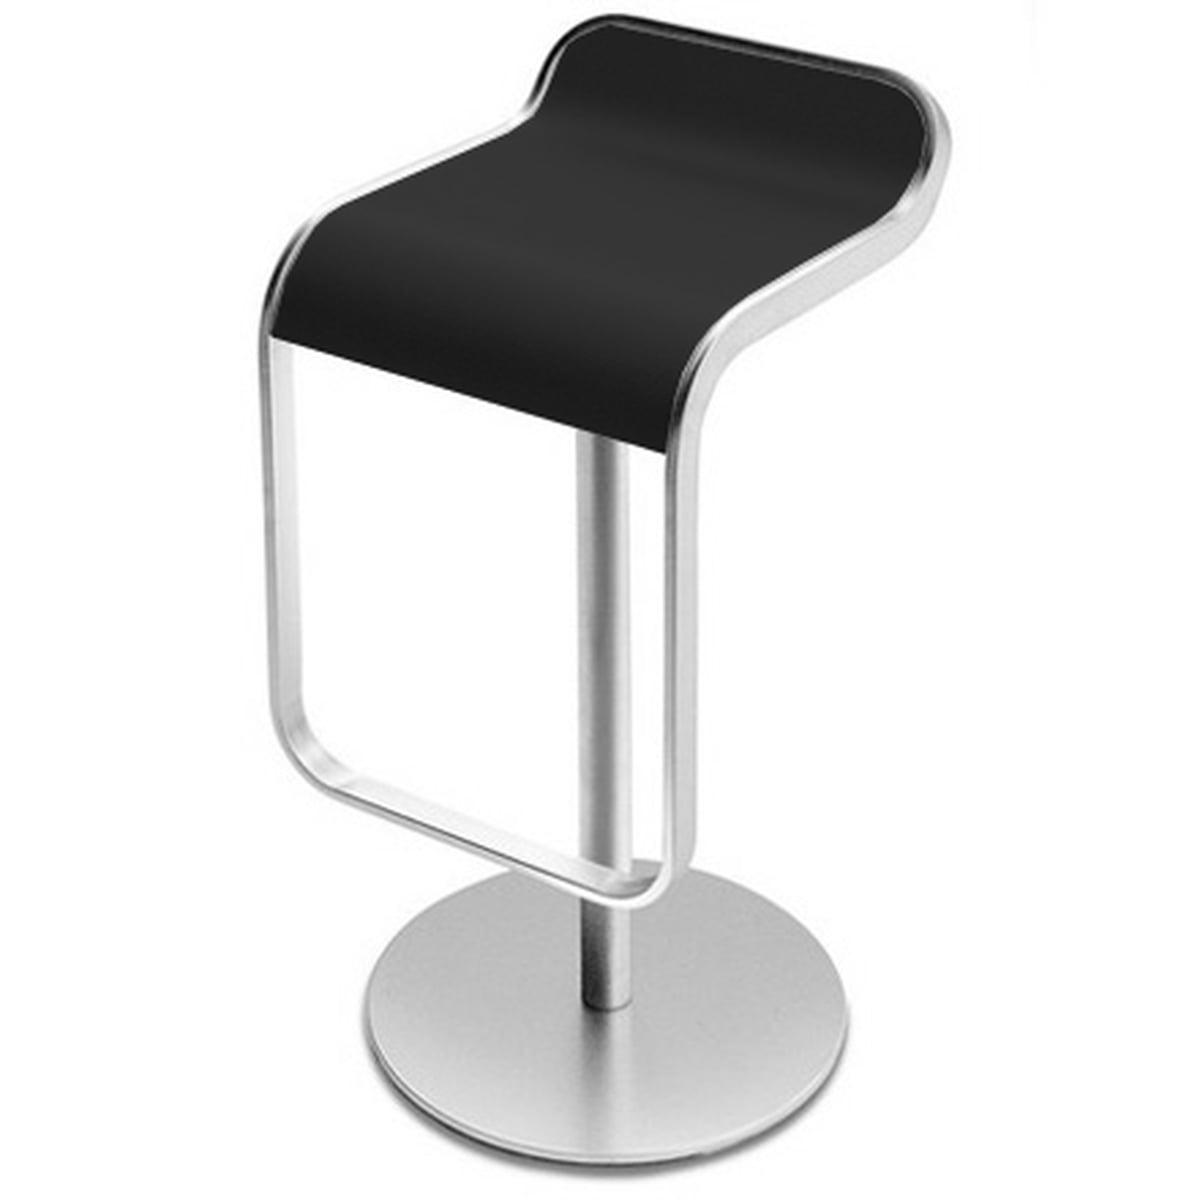 la palma lem barhocker 55 67cm gestell verchromt schwarz schwarz online kaufen bei woonio. Black Bedroom Furniture Sets. Home Design Ideas